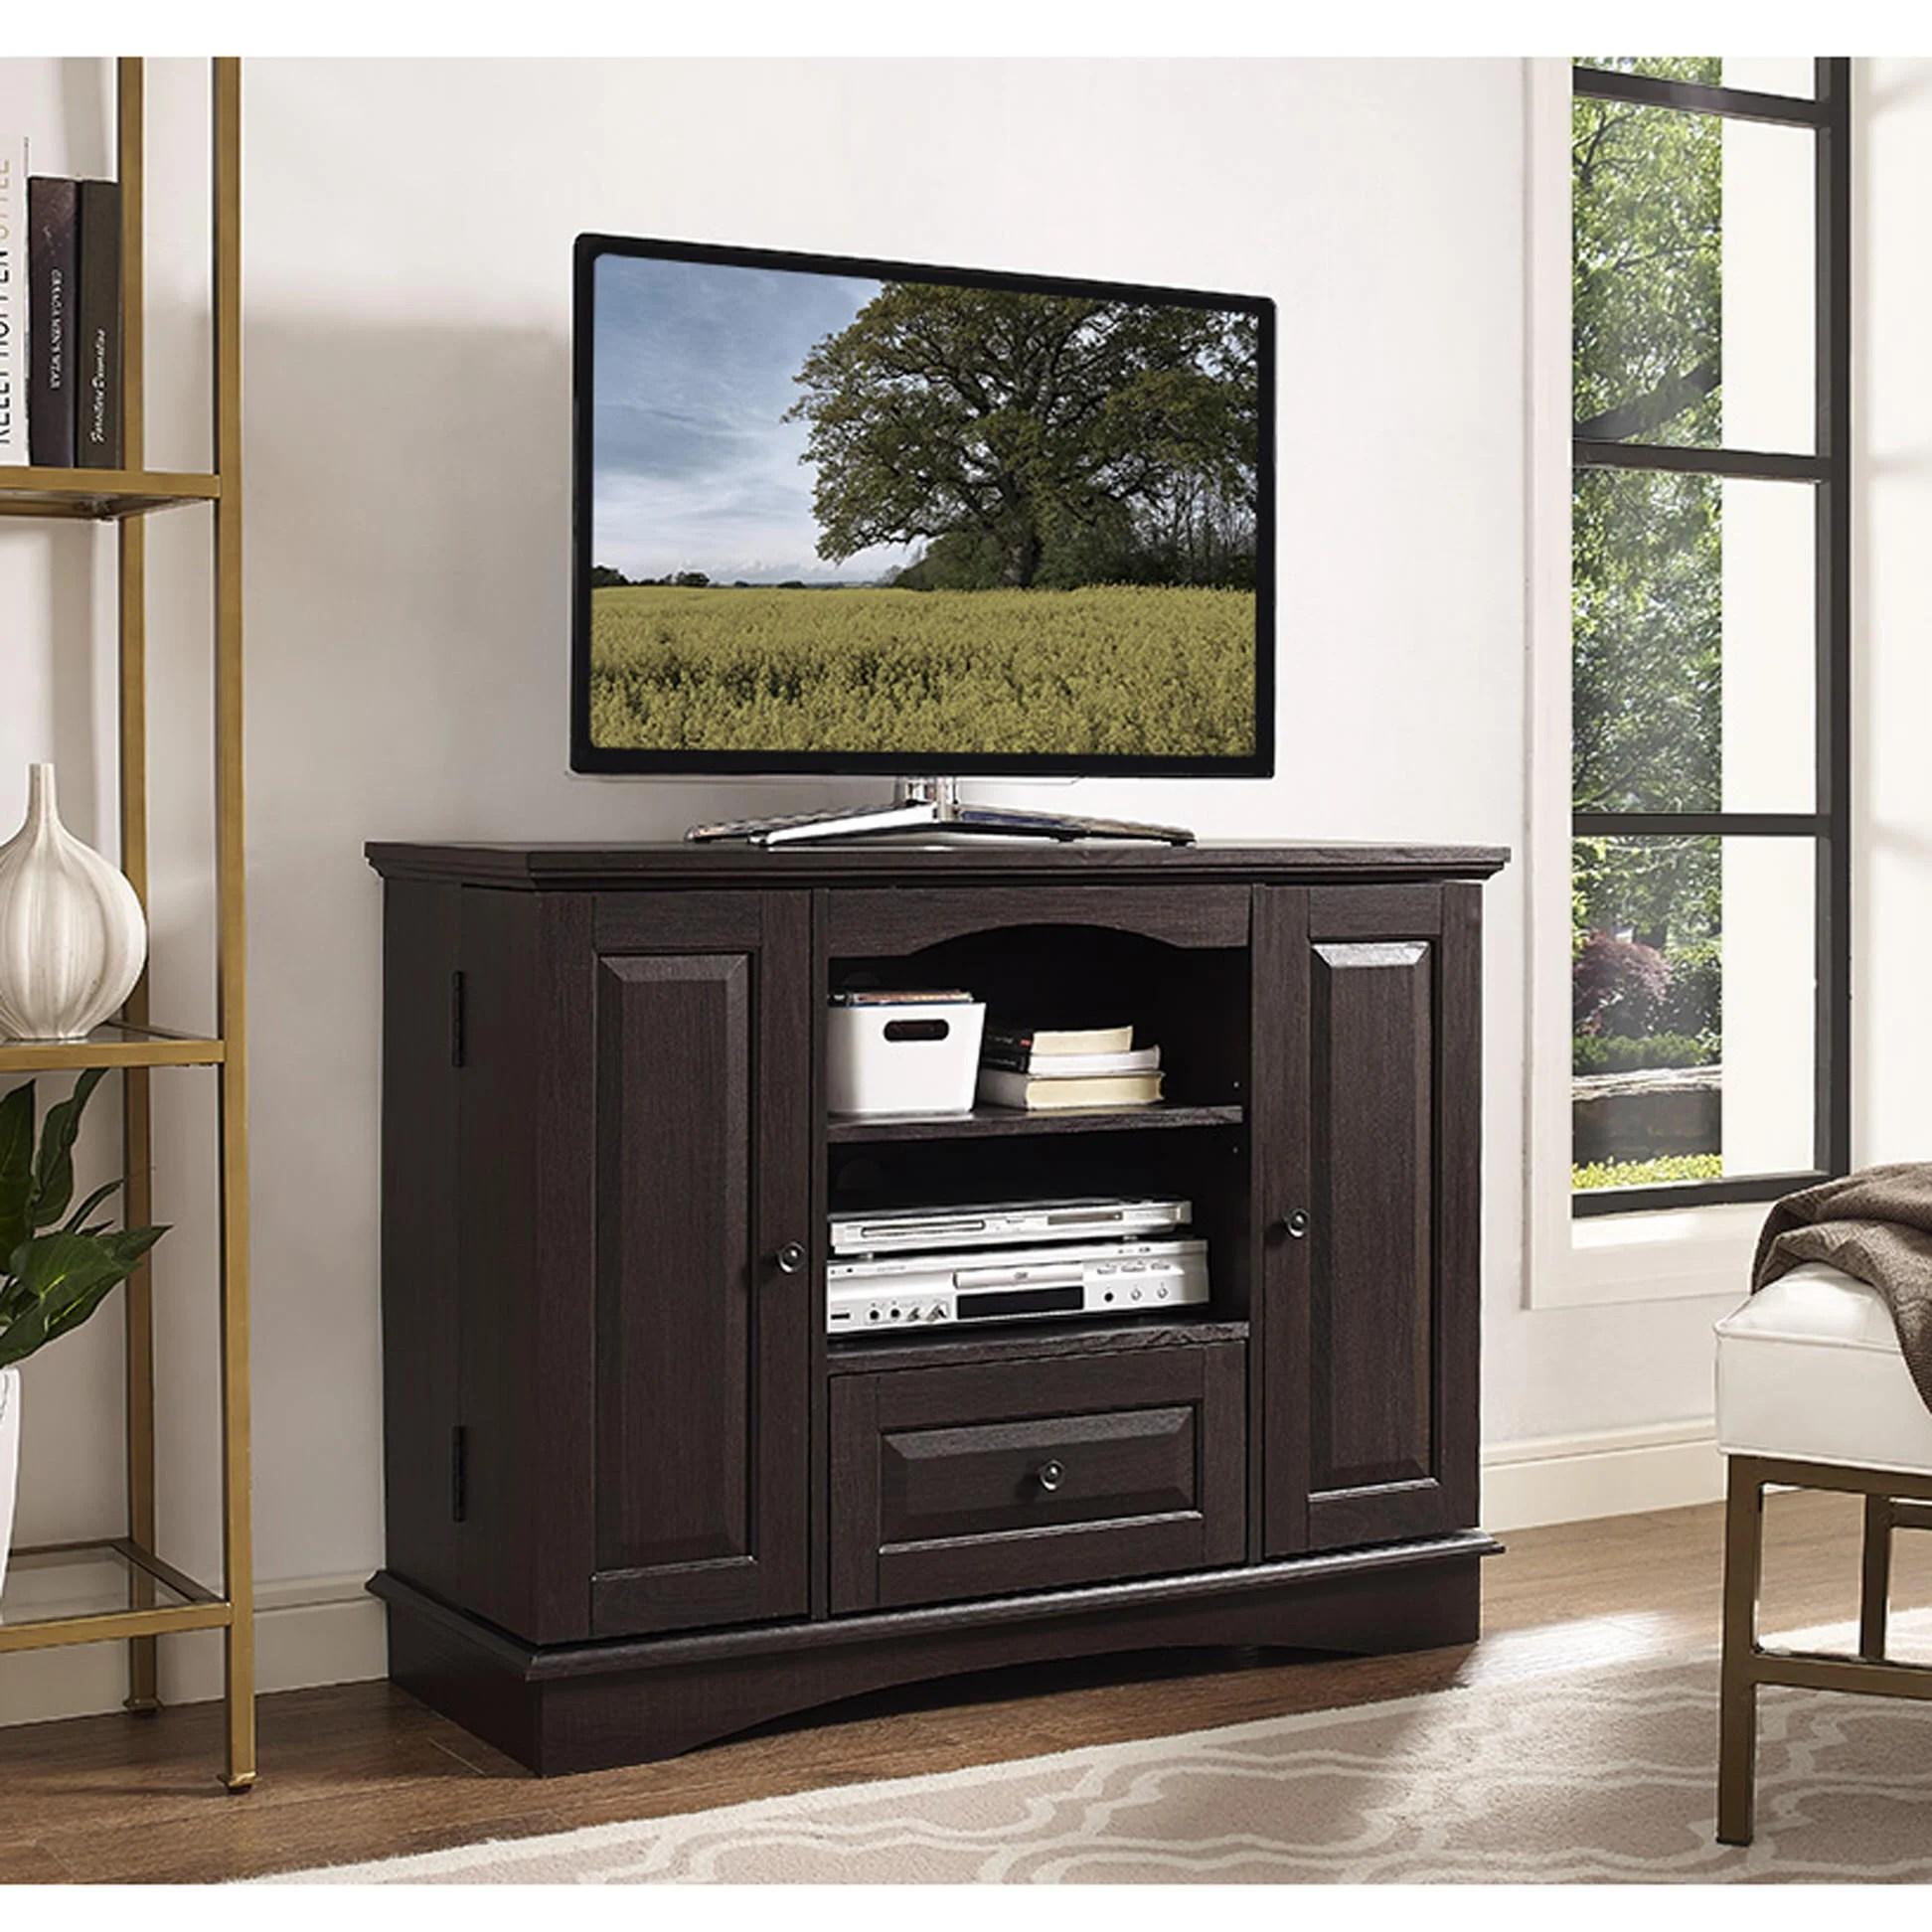 42 Inch Espresso Wood Highboy TV Stand by Walker Edison